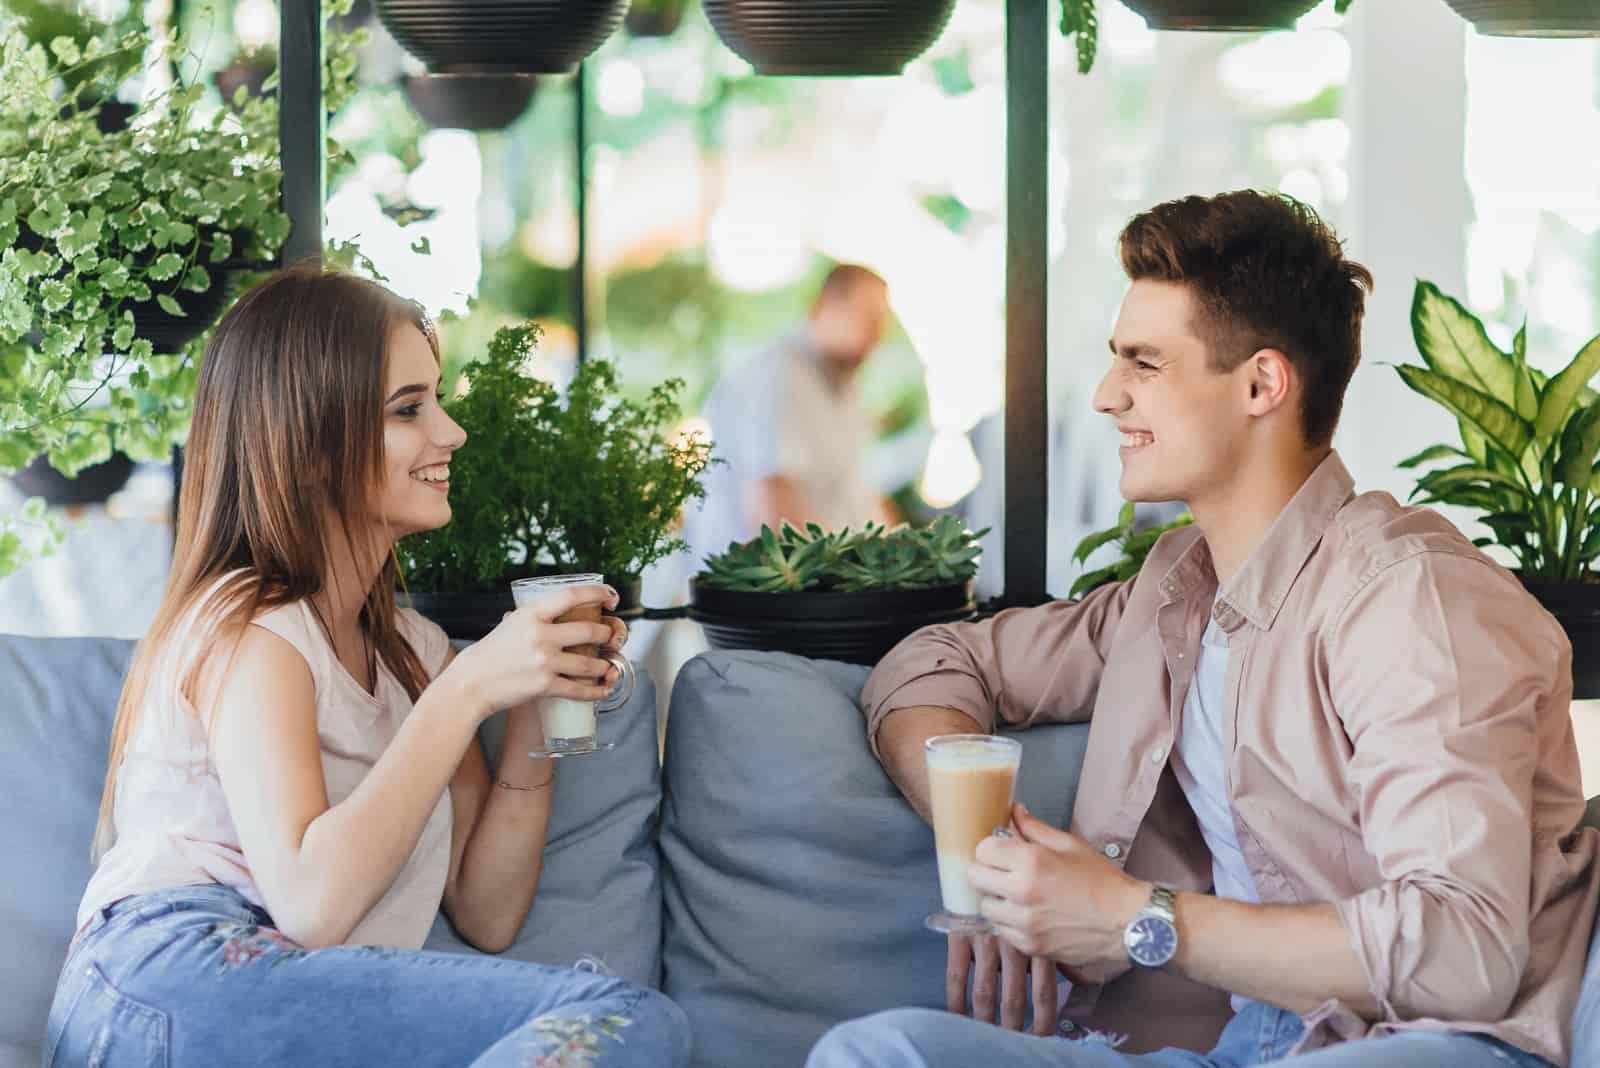 homme et femme buvant du café dans un café